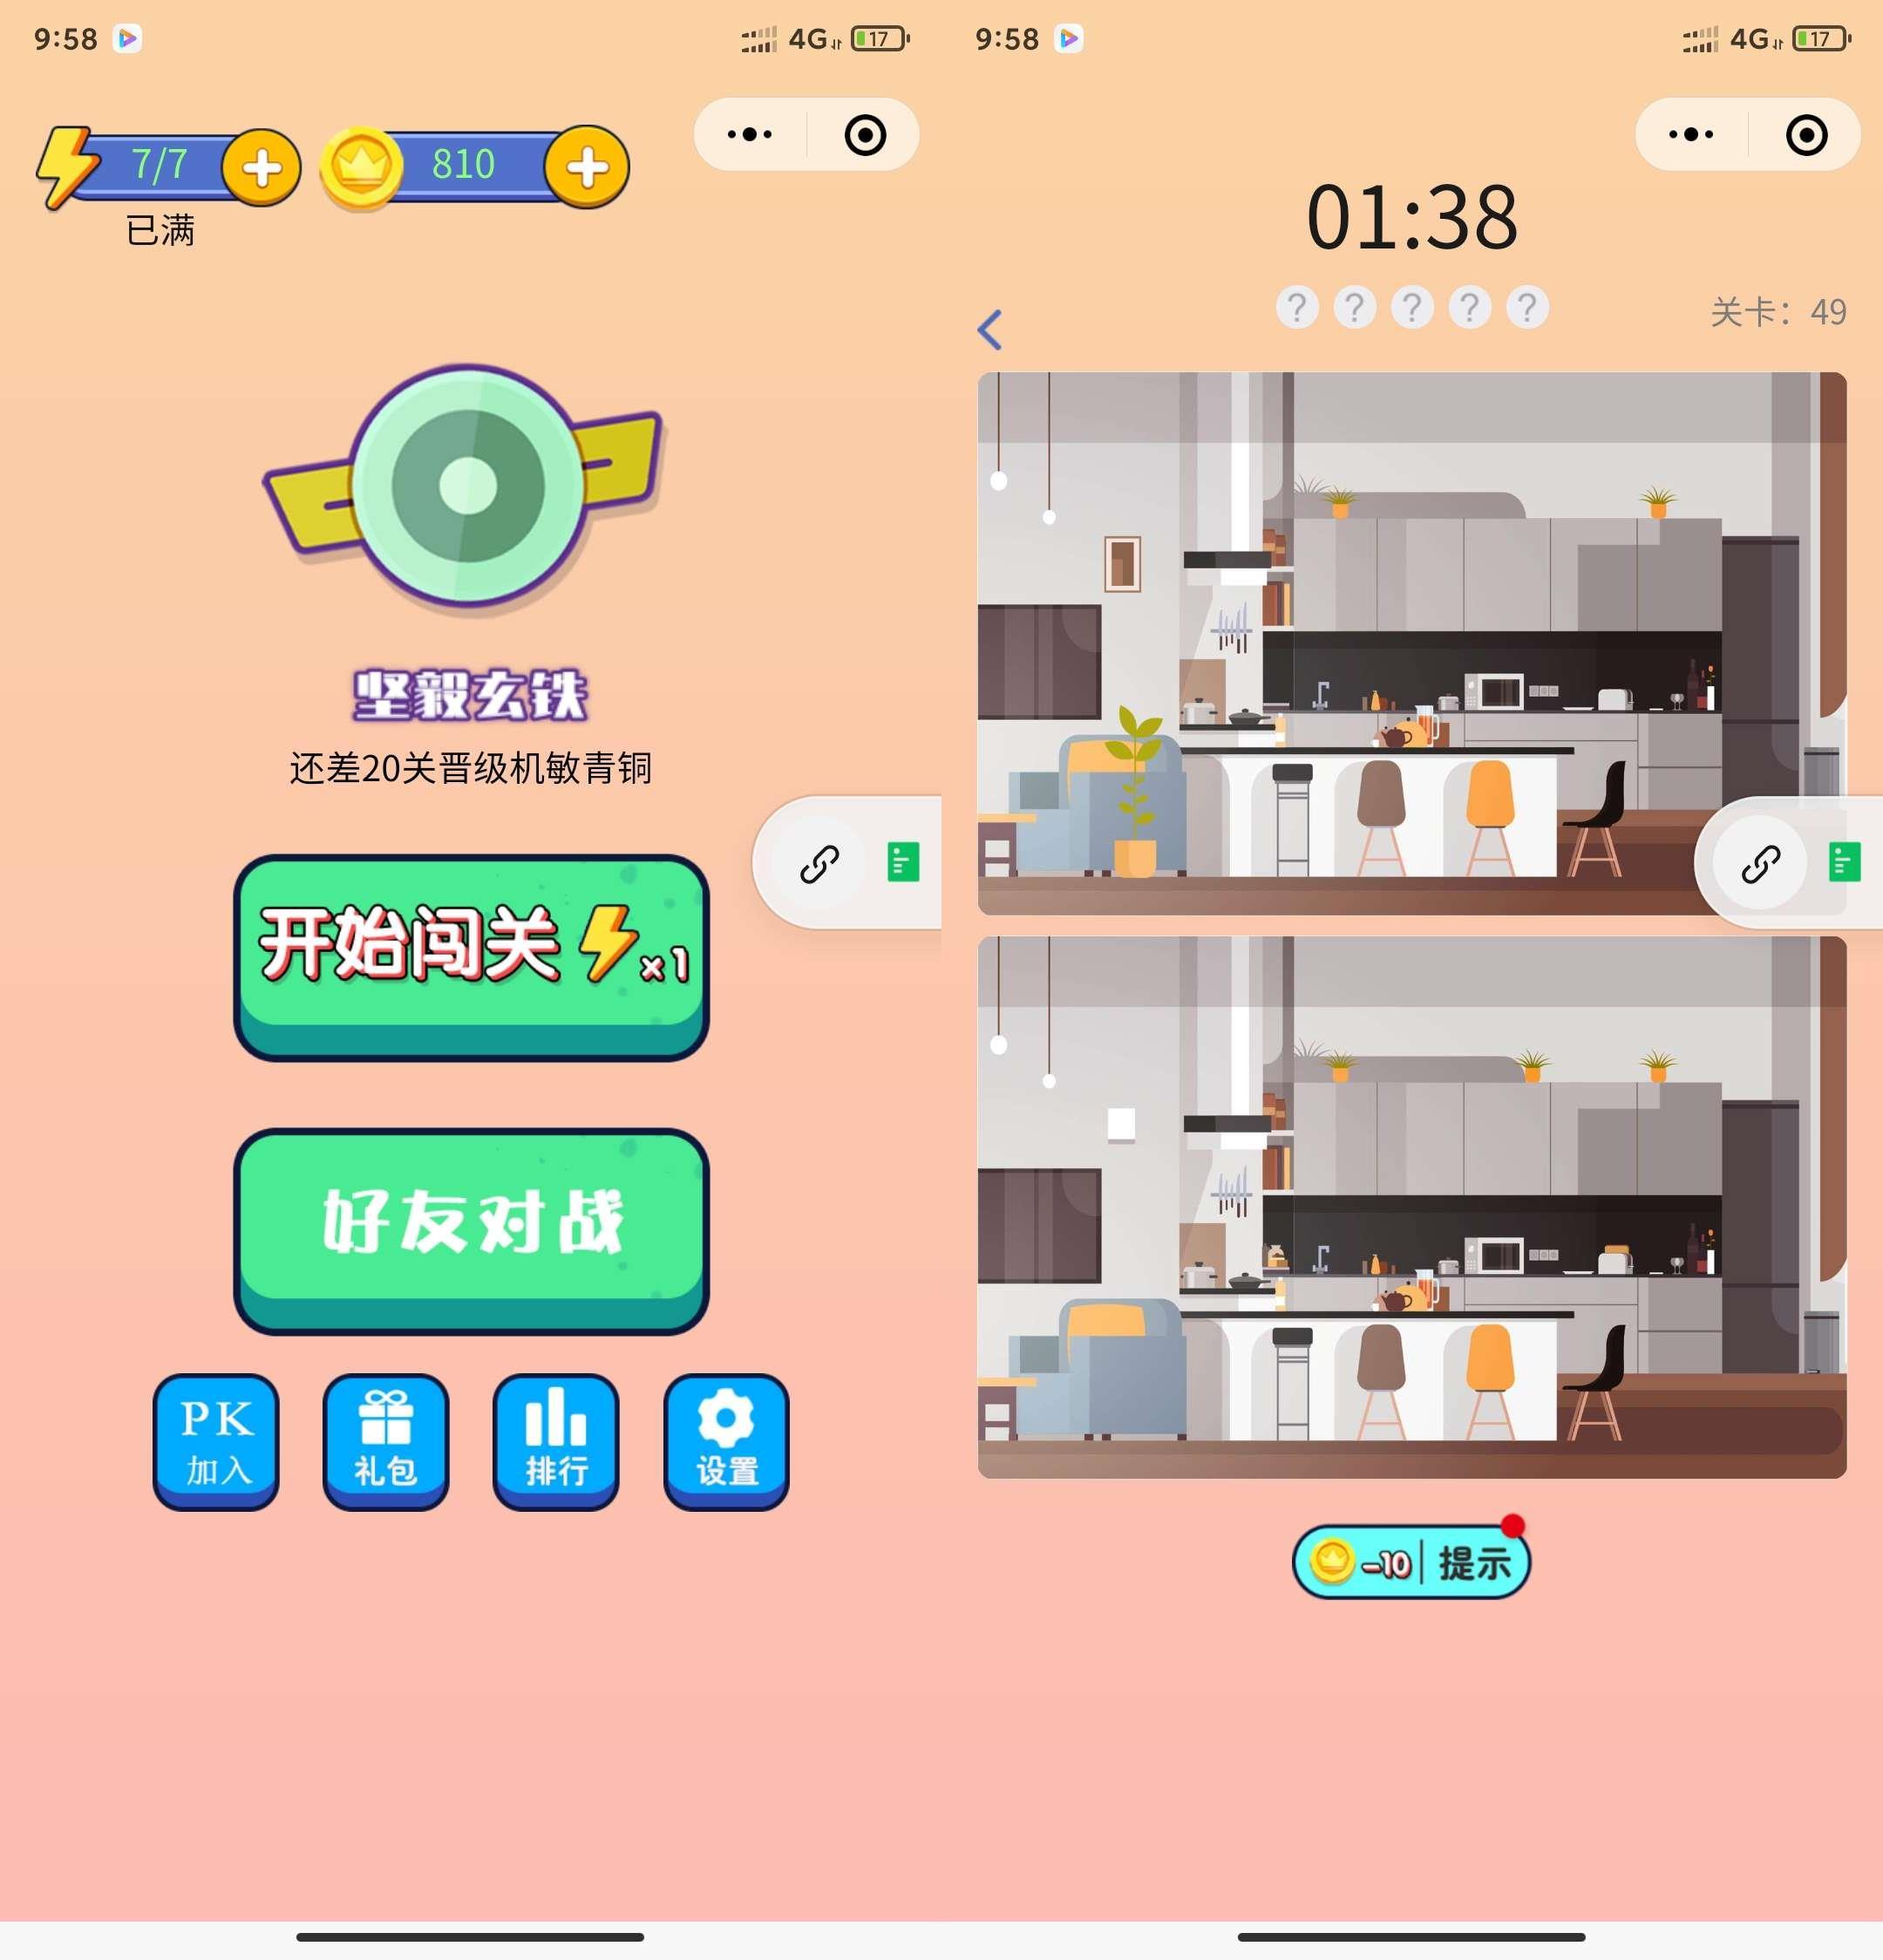 【微信小游戏】最新找茬儿找不同微信小游戏微信流量主小程序源代码-狮子喵